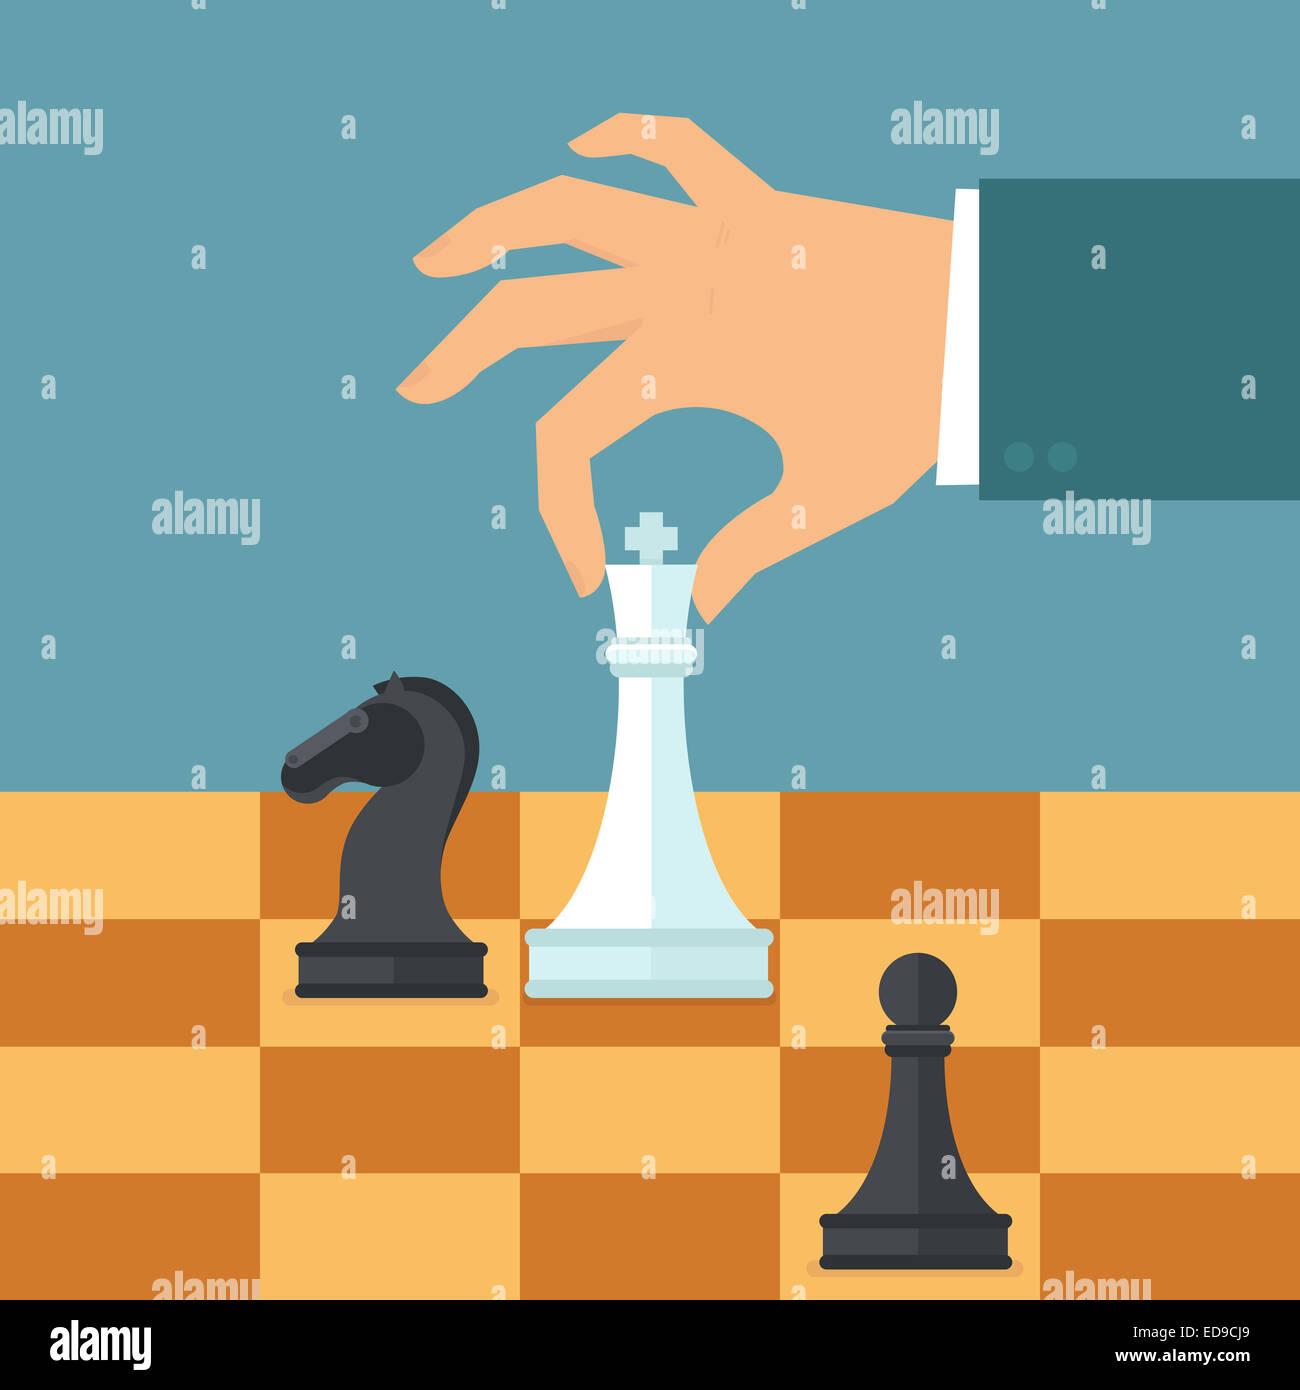 Strategia di Business concept in stile piatto - maschio mano azienda scacchi figura - pianificazione e gestione Immagini Stock